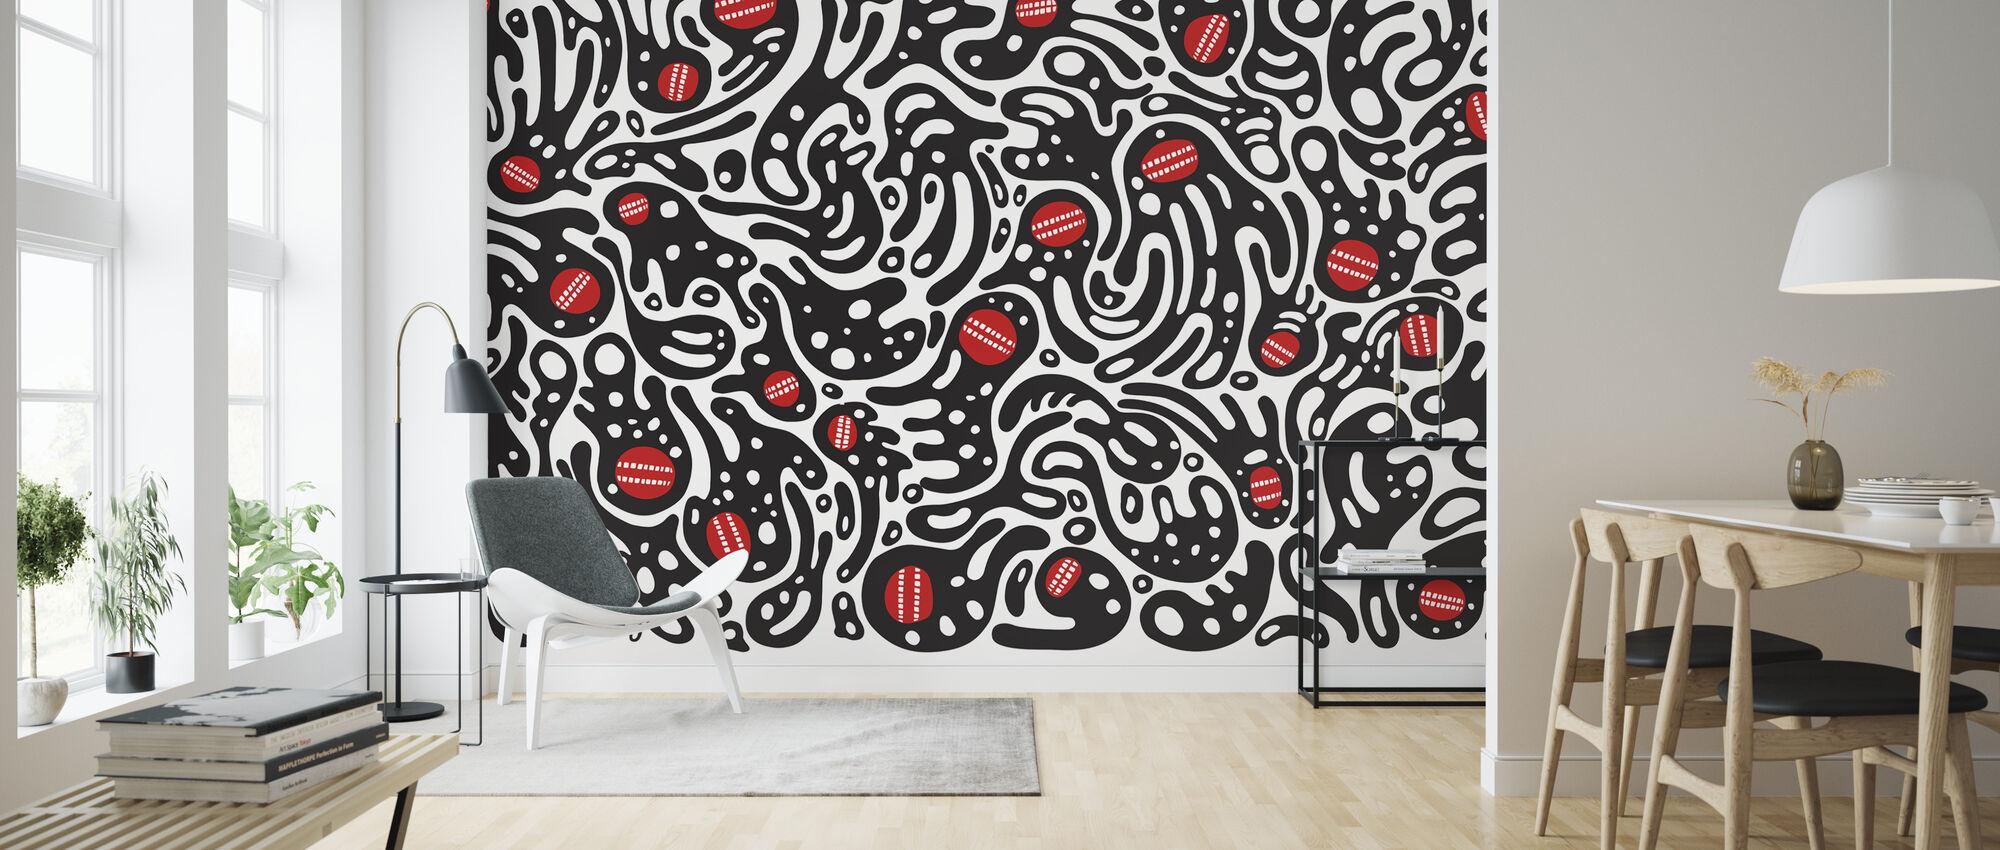 Nakamura Motomichi - DT Wall2 - Wallpaper - Living Room